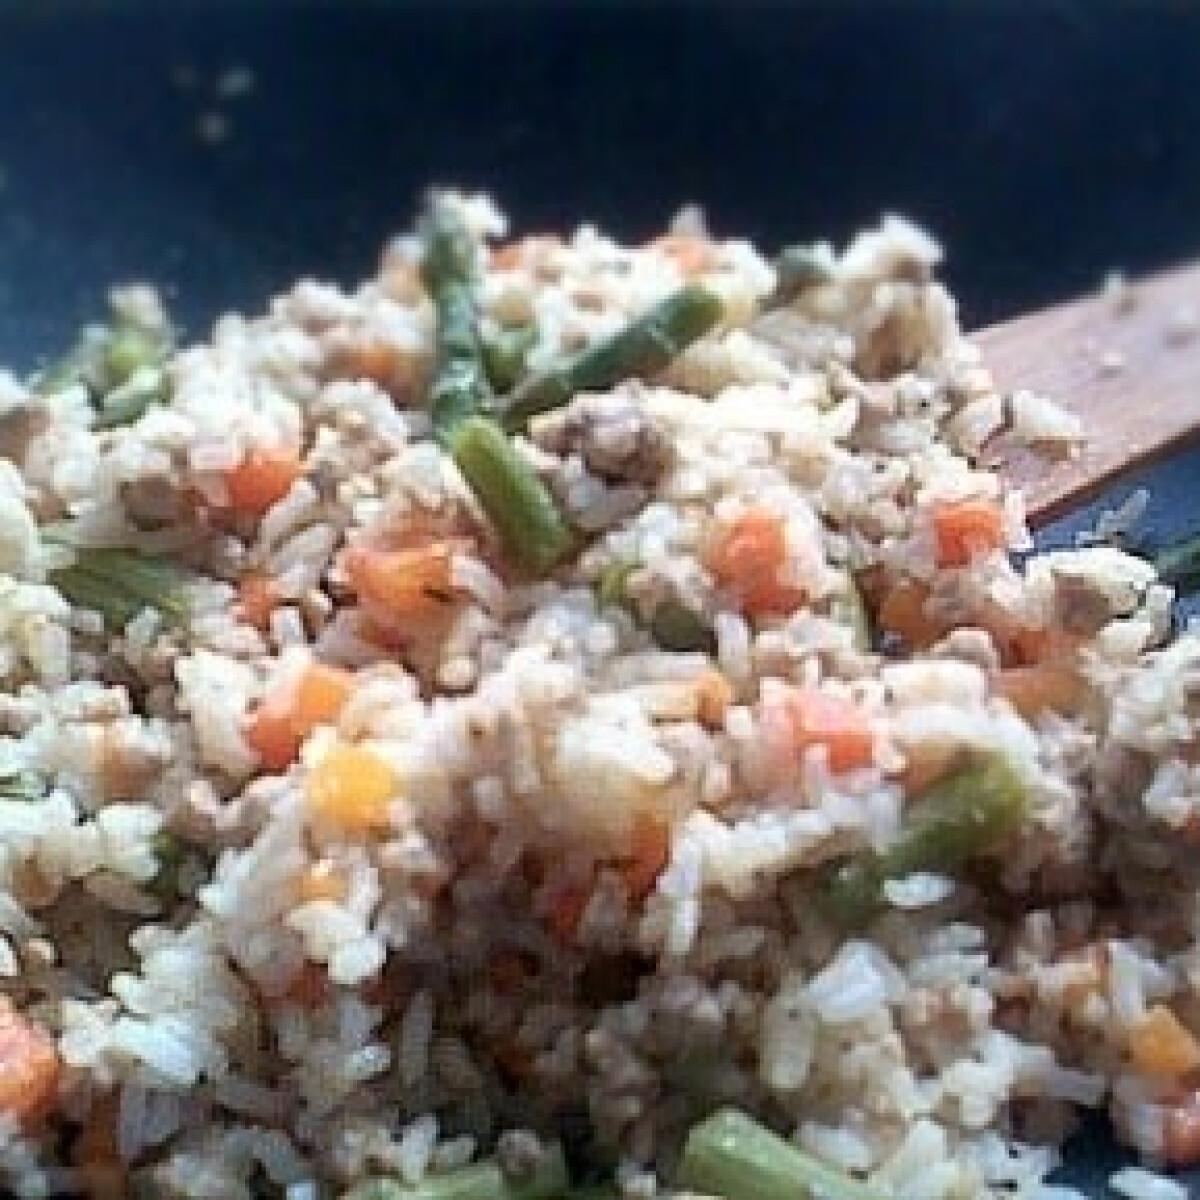 Zöldspárgás rizses egytál